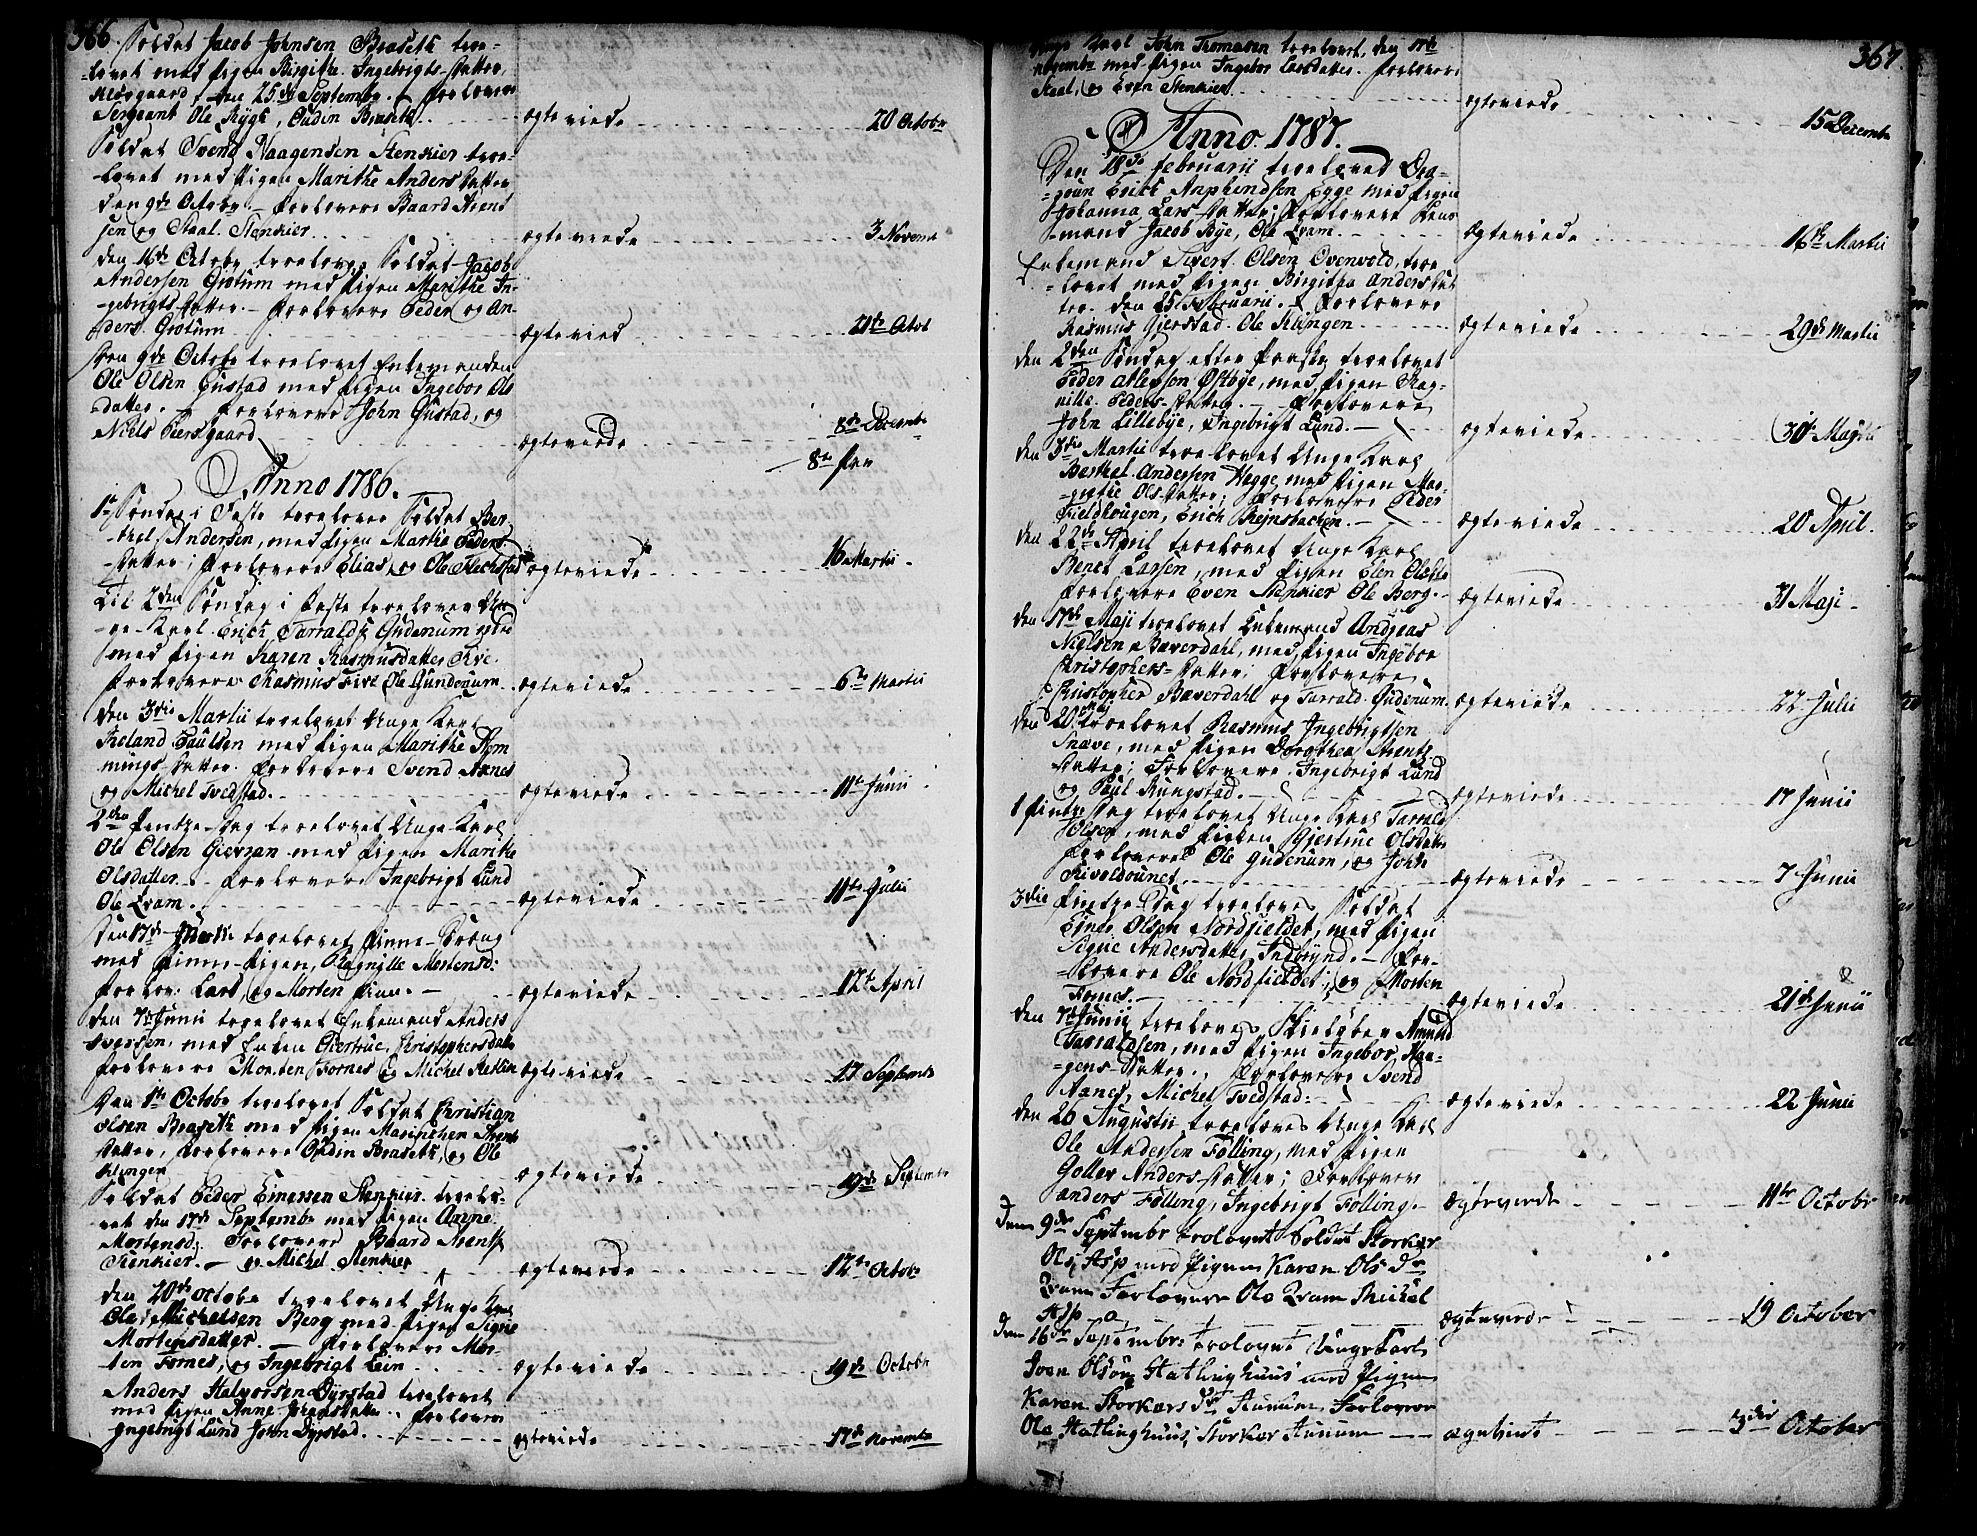 SAT, Ministerialprotokoller, klokkerbøker og fødselsregistre - Nord-Trøndelag, 746/L0440: Ministerialbok nr. 746A02, 1760-1815, s. 366-367